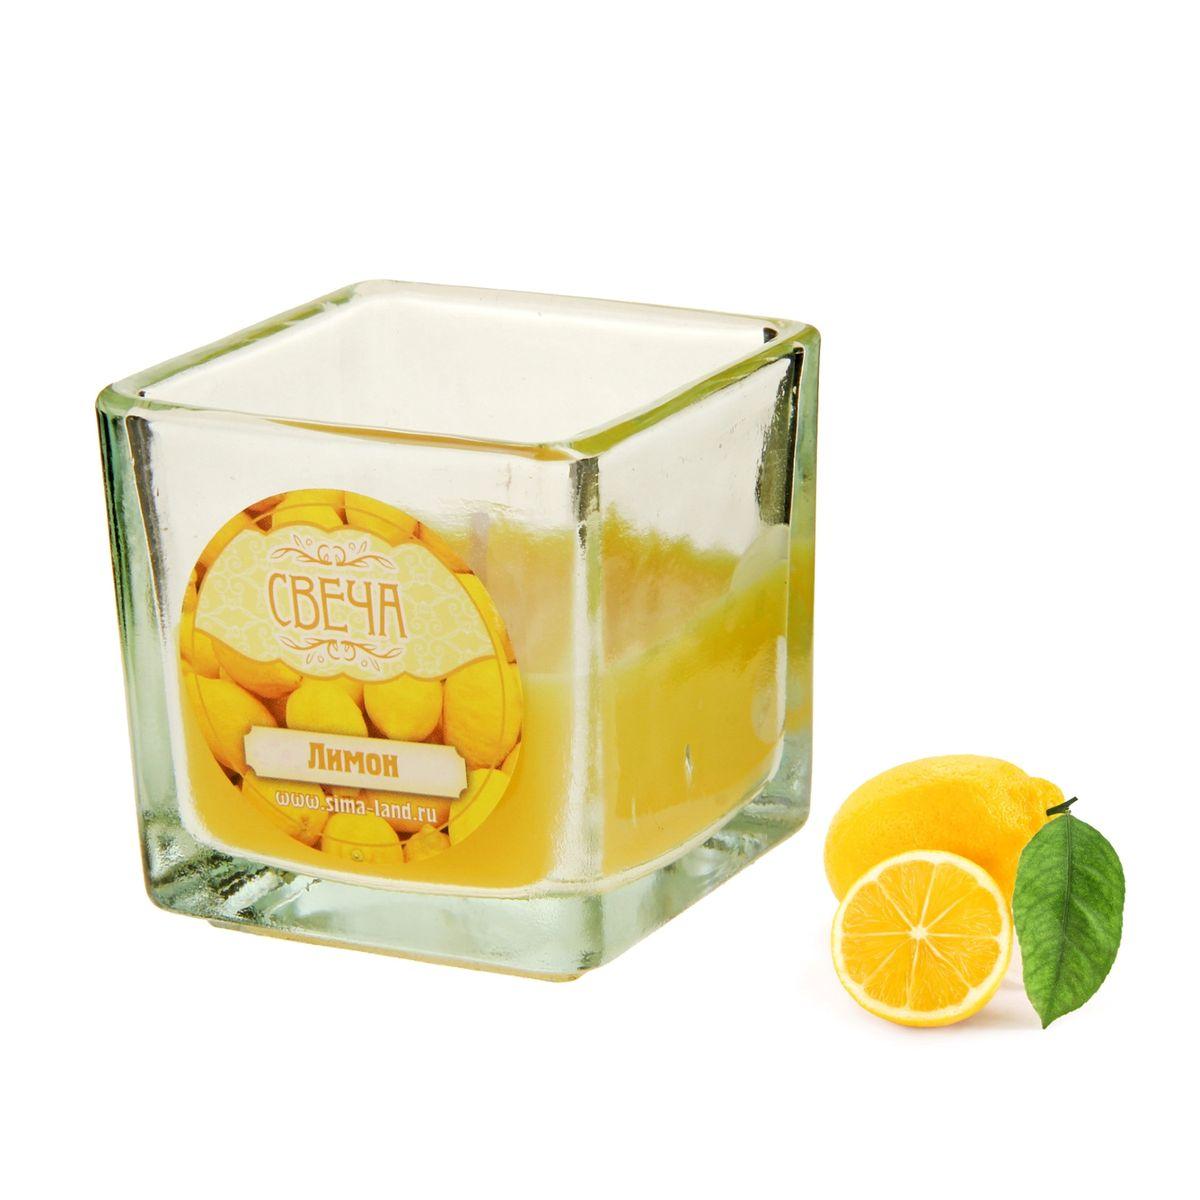 Свеча ароматизированная Sima-land Лимон, высота 5 см842470Ароматизированная свеча Sima-land Лимон изготовлена из воска и расположена в стеклянном стакане. Изделие отличается оригинальным дизайном и приятным ароматом. Такая свеча может стать отличным подарком или создаст незабываемую атмосферу праздника в вашем доме.